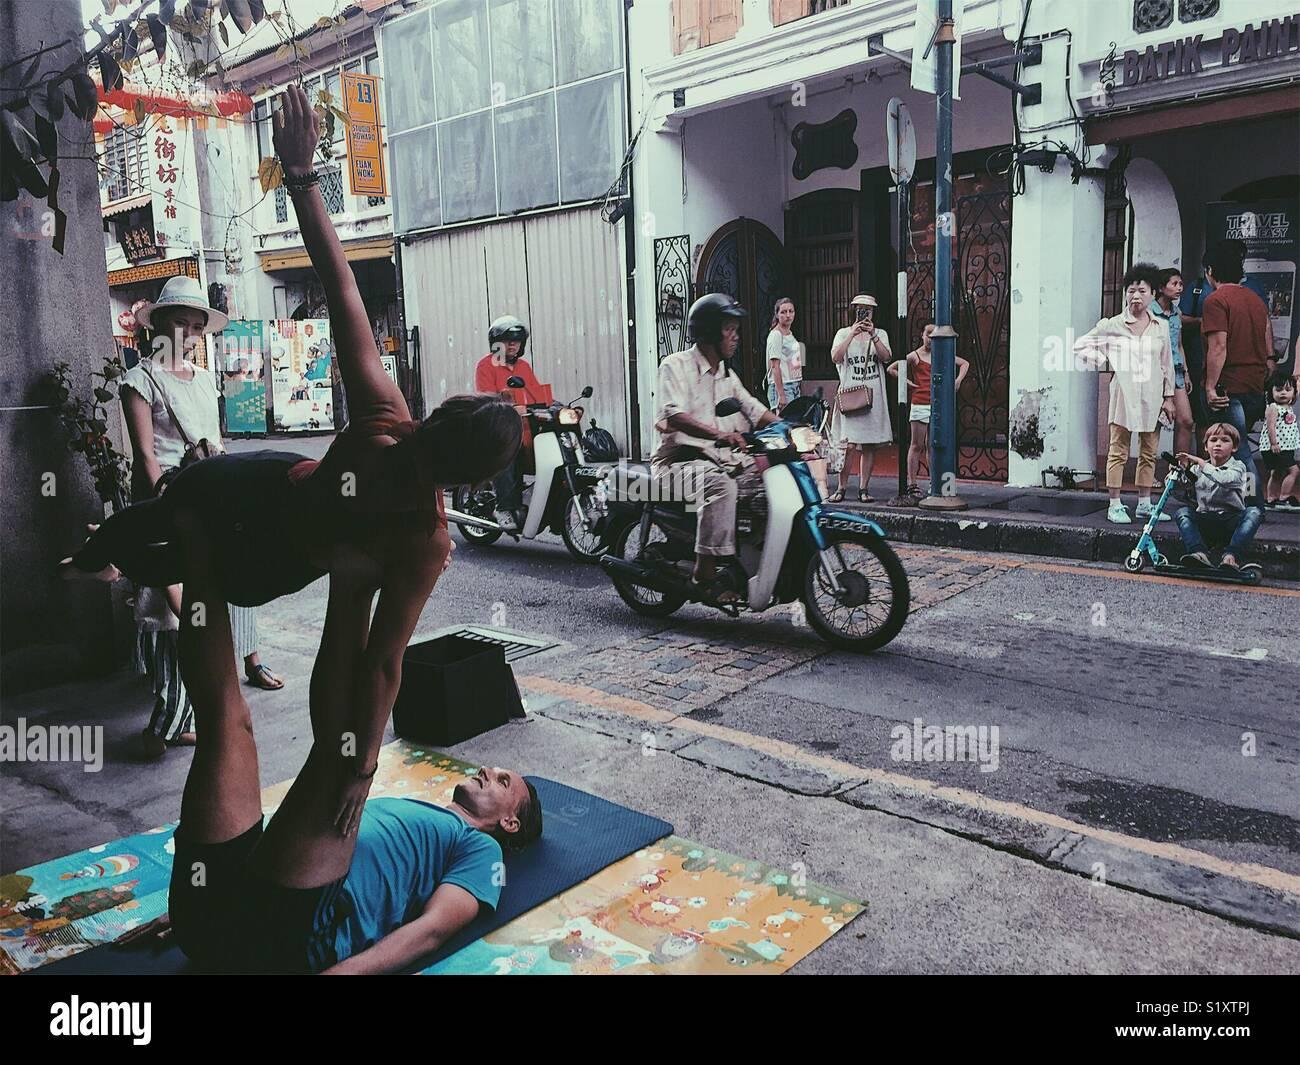 Street performance in Strada Armena, George Town, Malaysia Immagini Stock